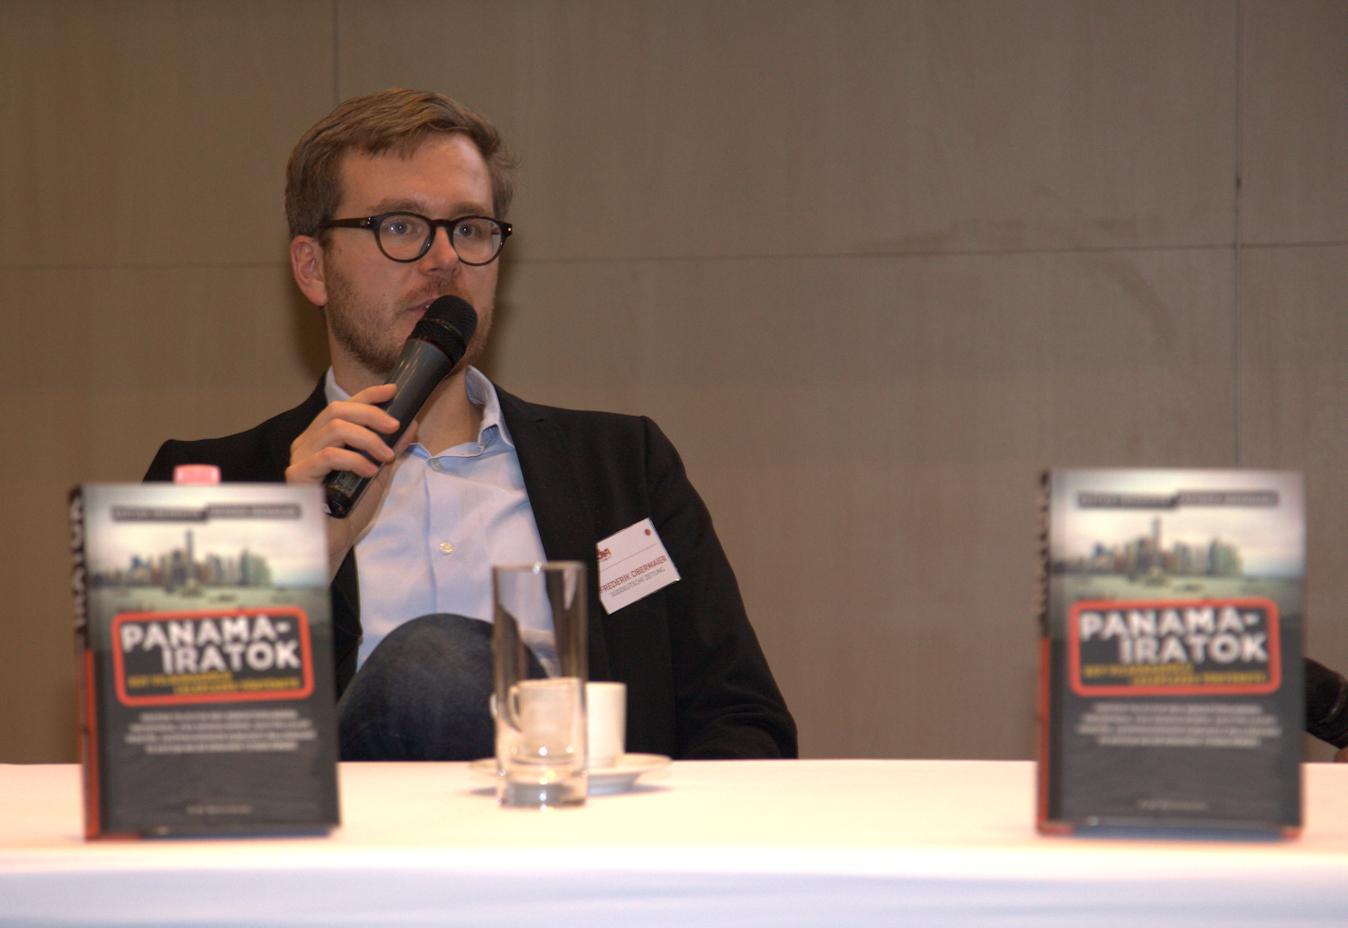 A Panama-nyomozás vezetője szerint csak az oknyomozás szerezheti vissza az olvasók bizalmát az újságírásban